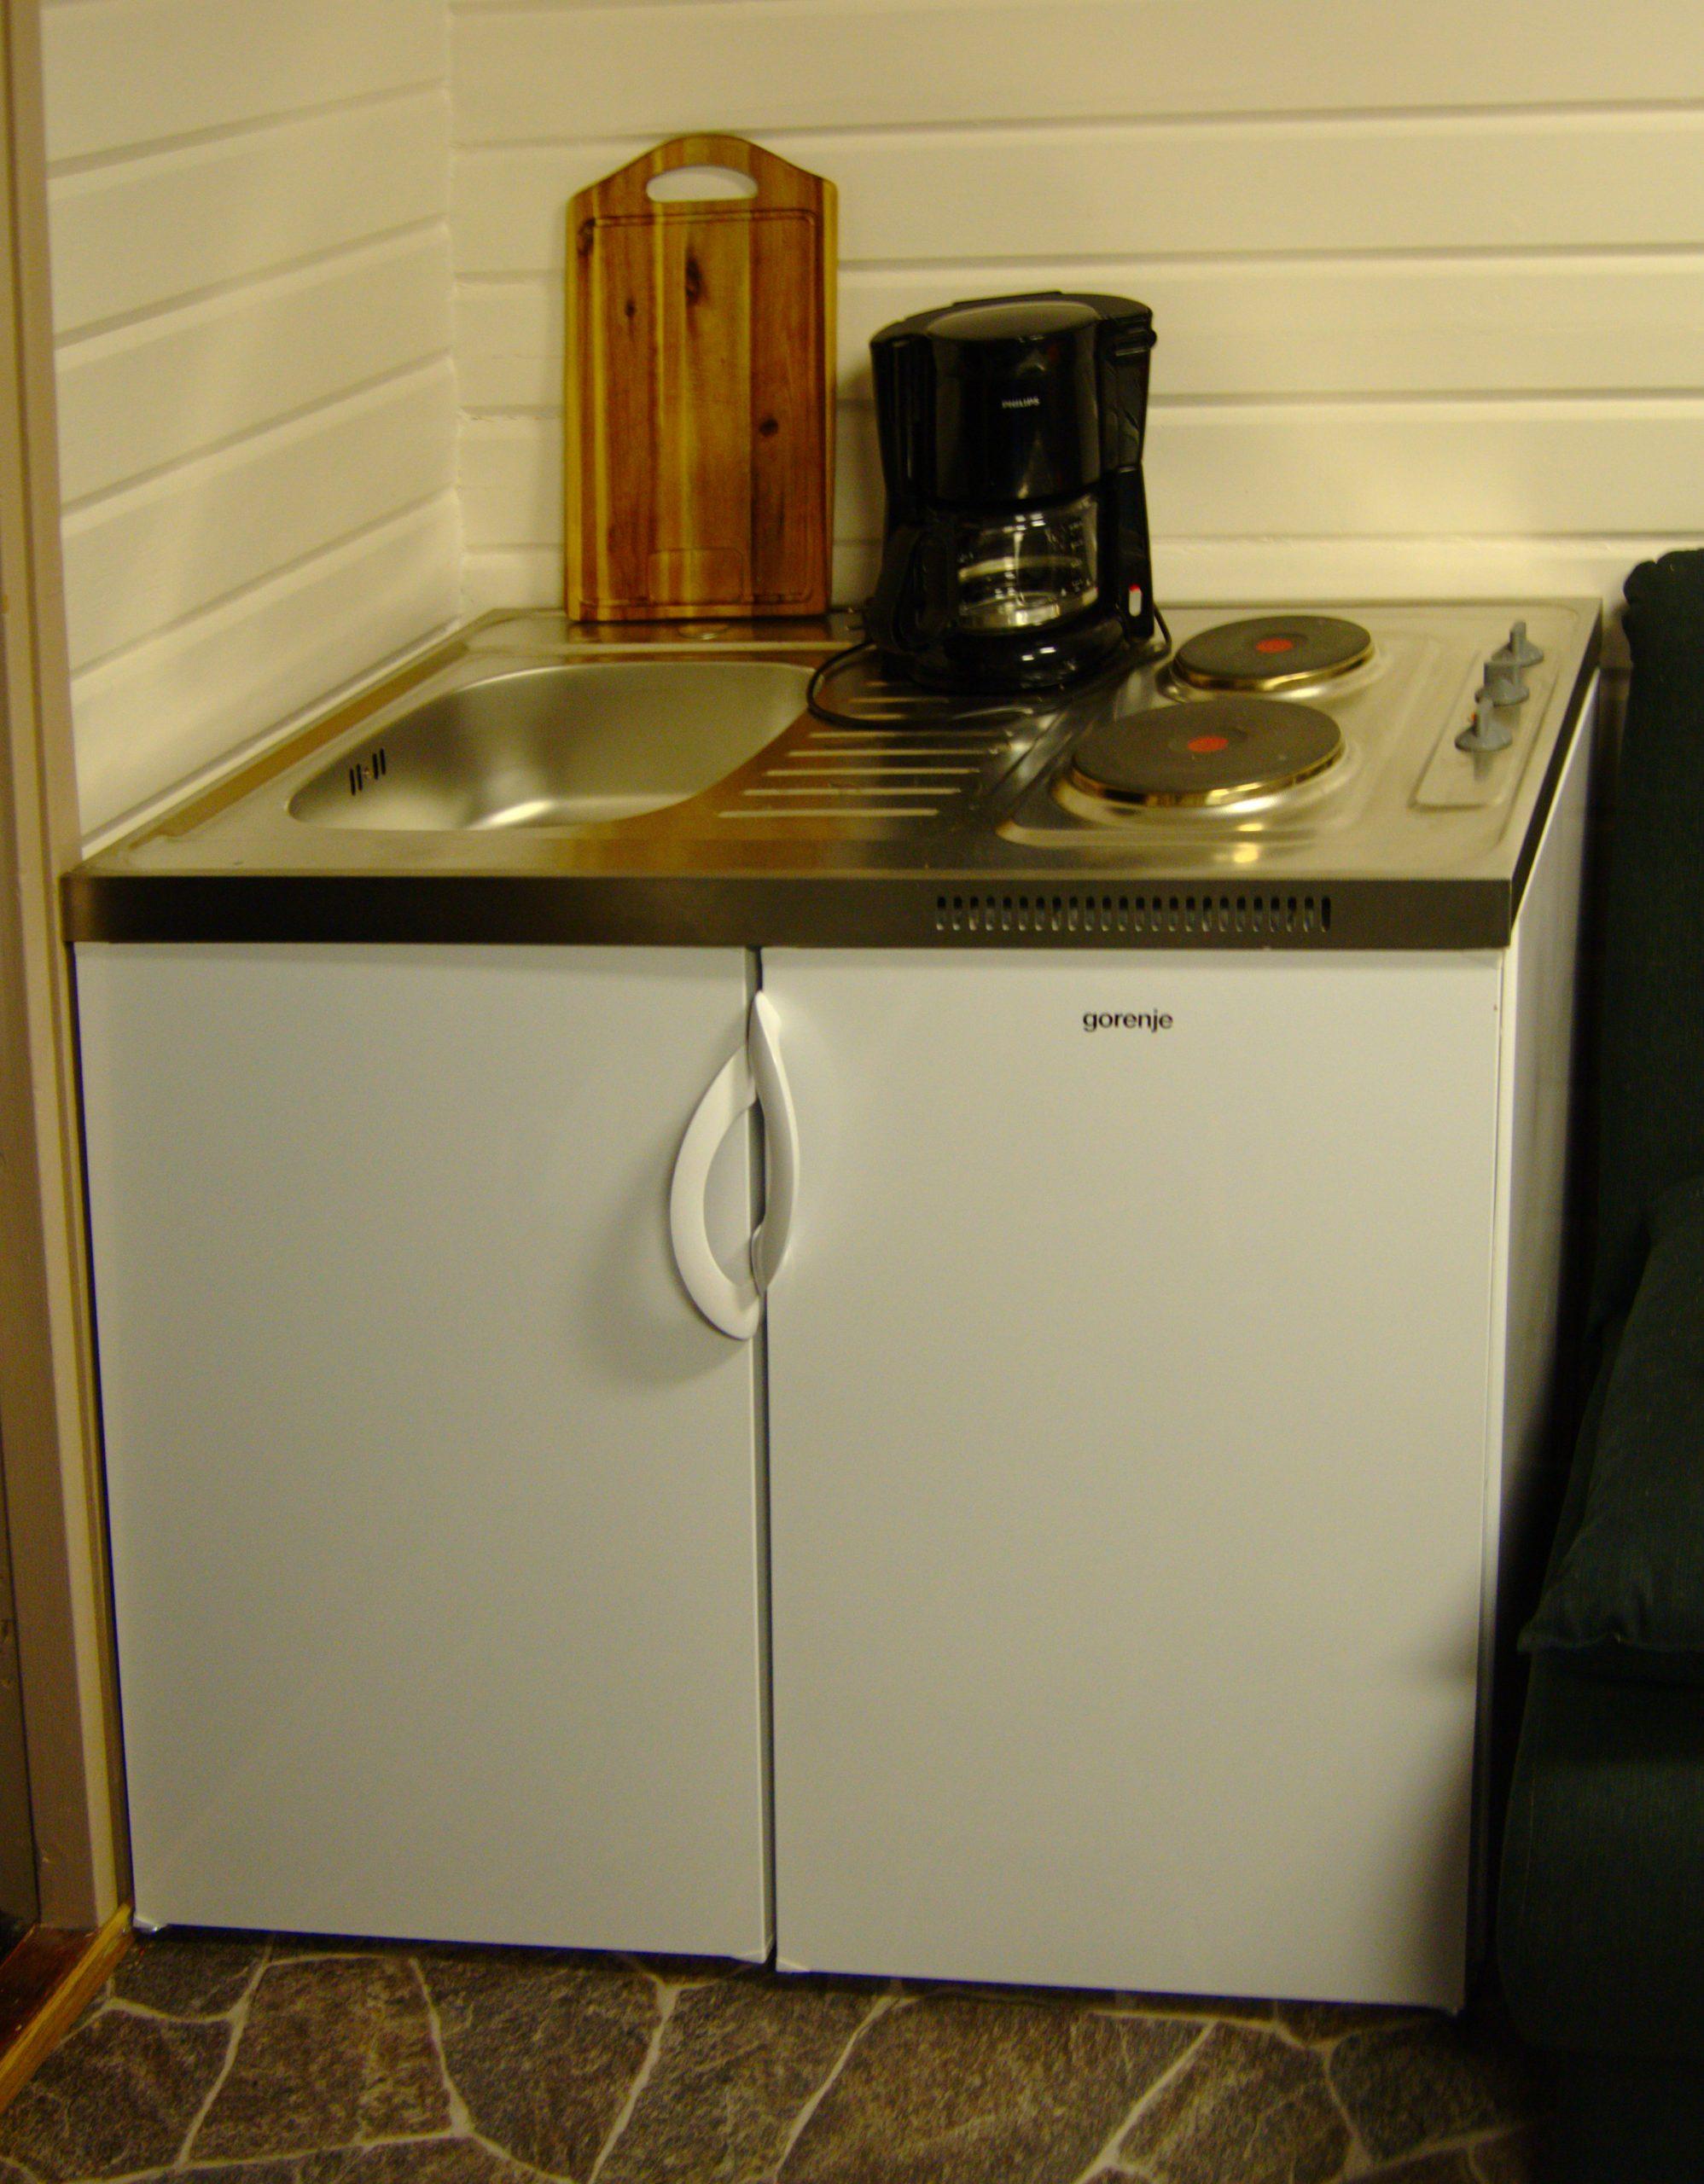 Full Size of Singleküche   Weiß   Mit Kühlschrank   100 Cm Breite Singleküche Mit Kühlschrank Und Backofen Singleküche Mit Kühlschrank Gebraucht Singleküche Kühlschrank Ausbauen Küche Singleküche Mit Kühlschrank